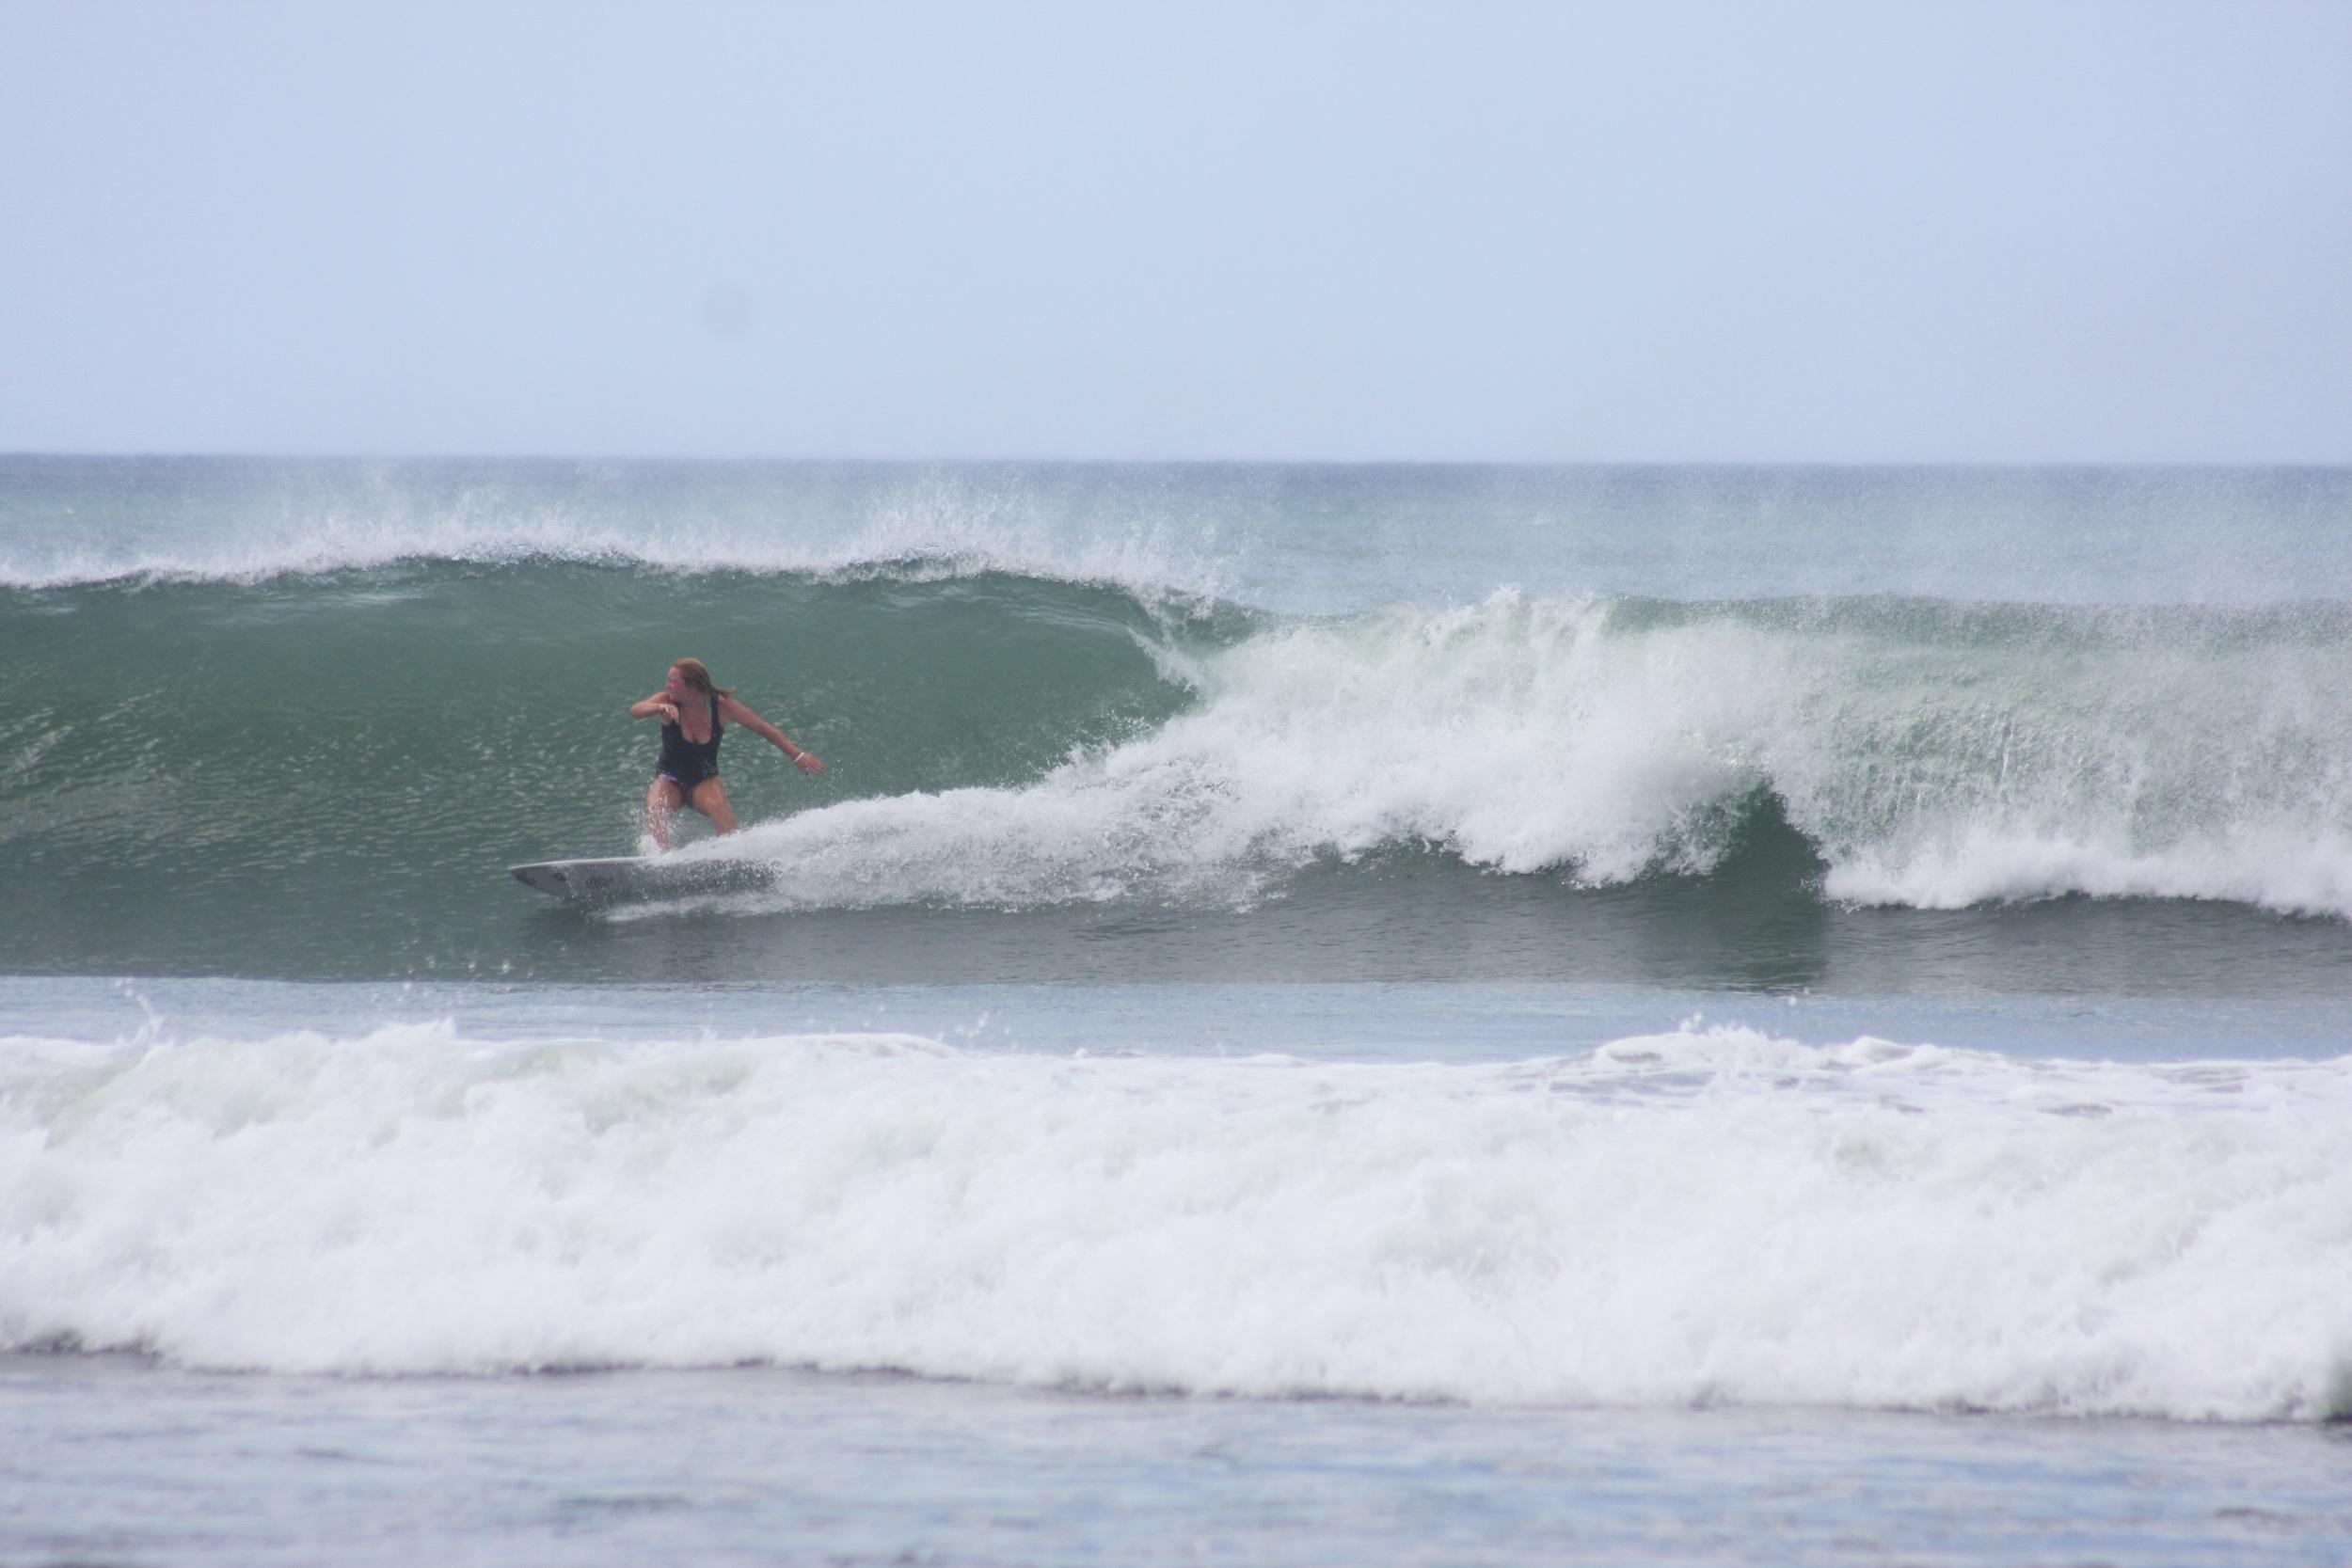 First Best wave